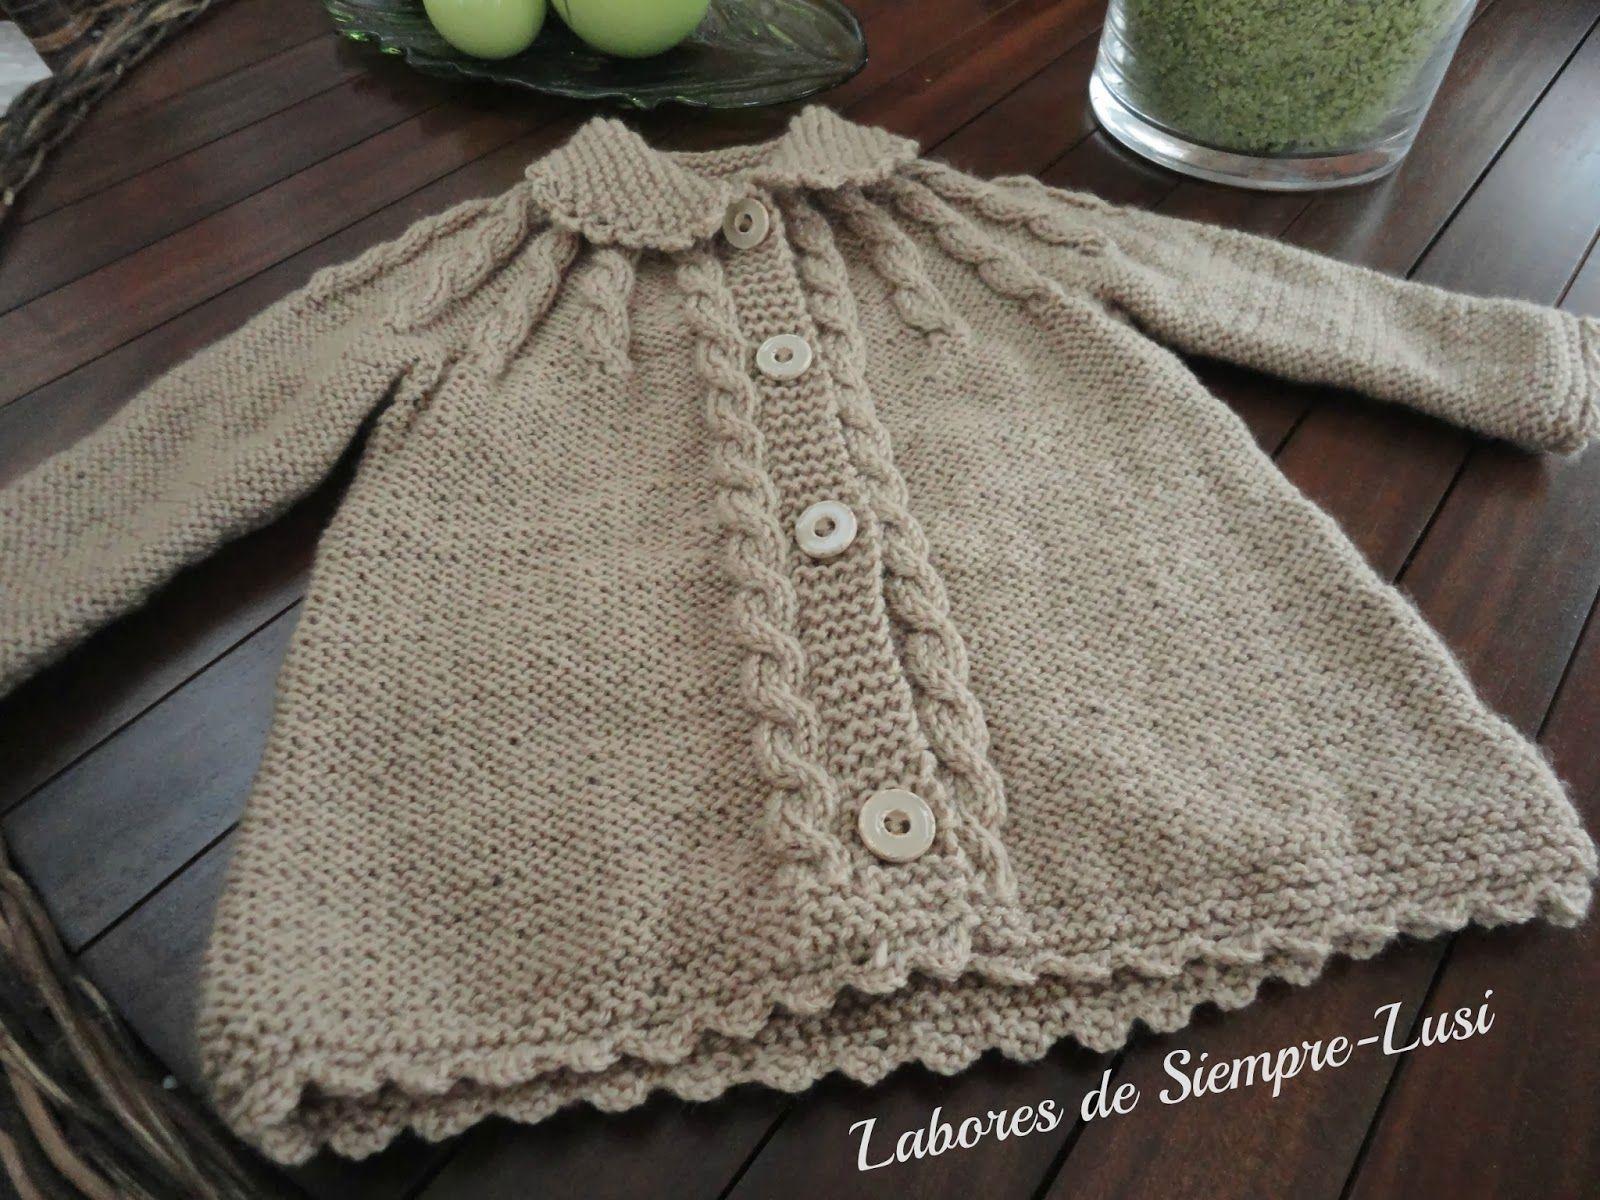 Labores de siempre abrigo de beb con trenzas talla 6 9 - Labores de punto de lana ...